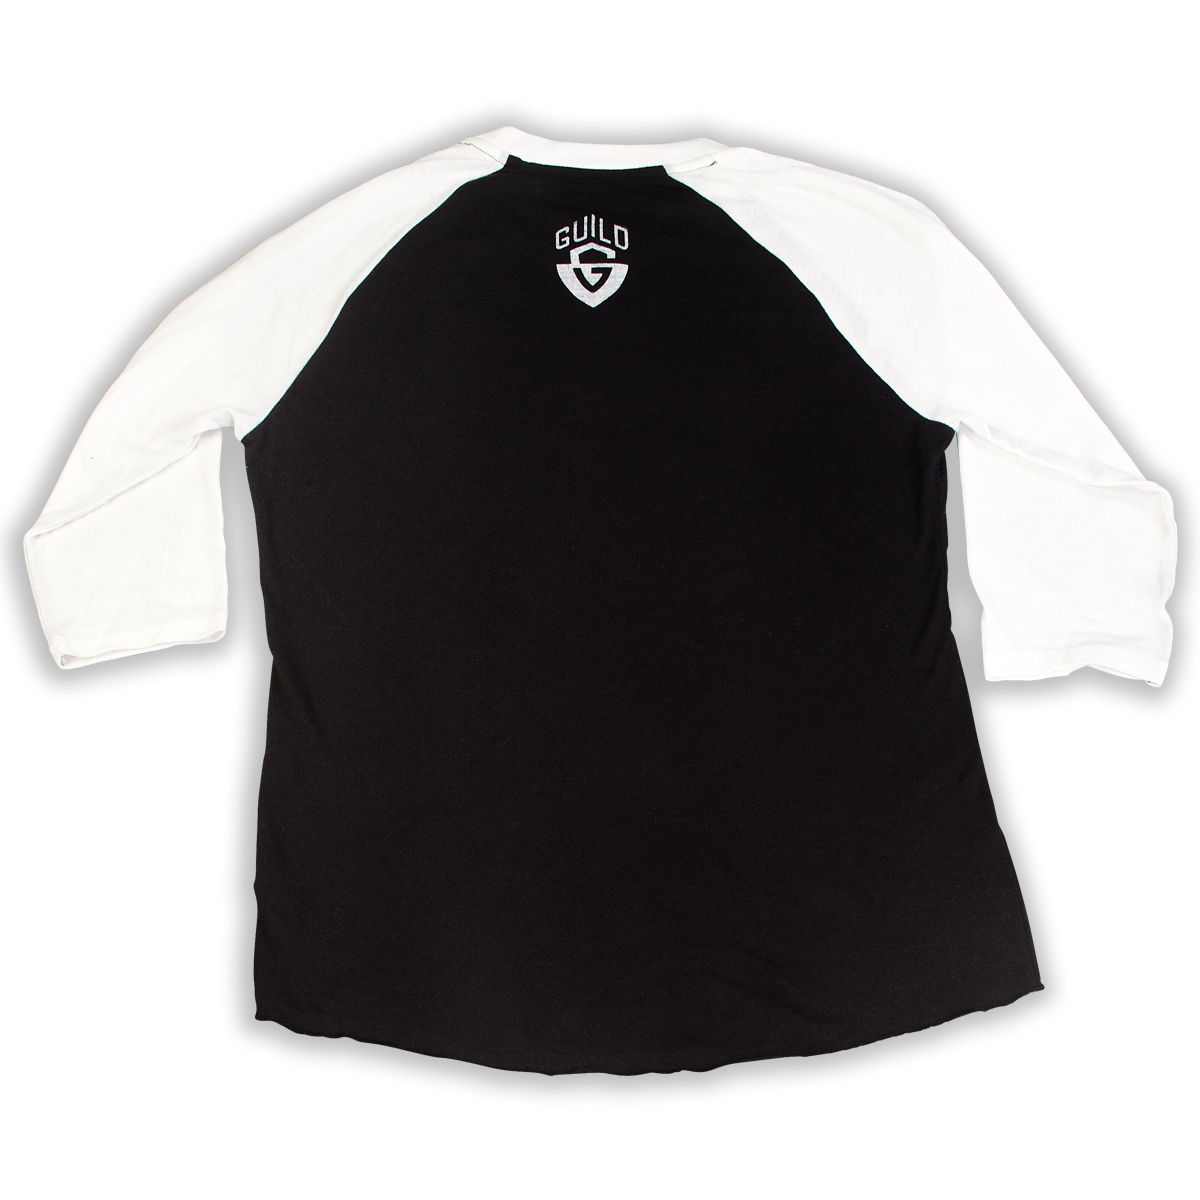 Back in black t shirt - Guild Ghost Baseball Tee In Black White